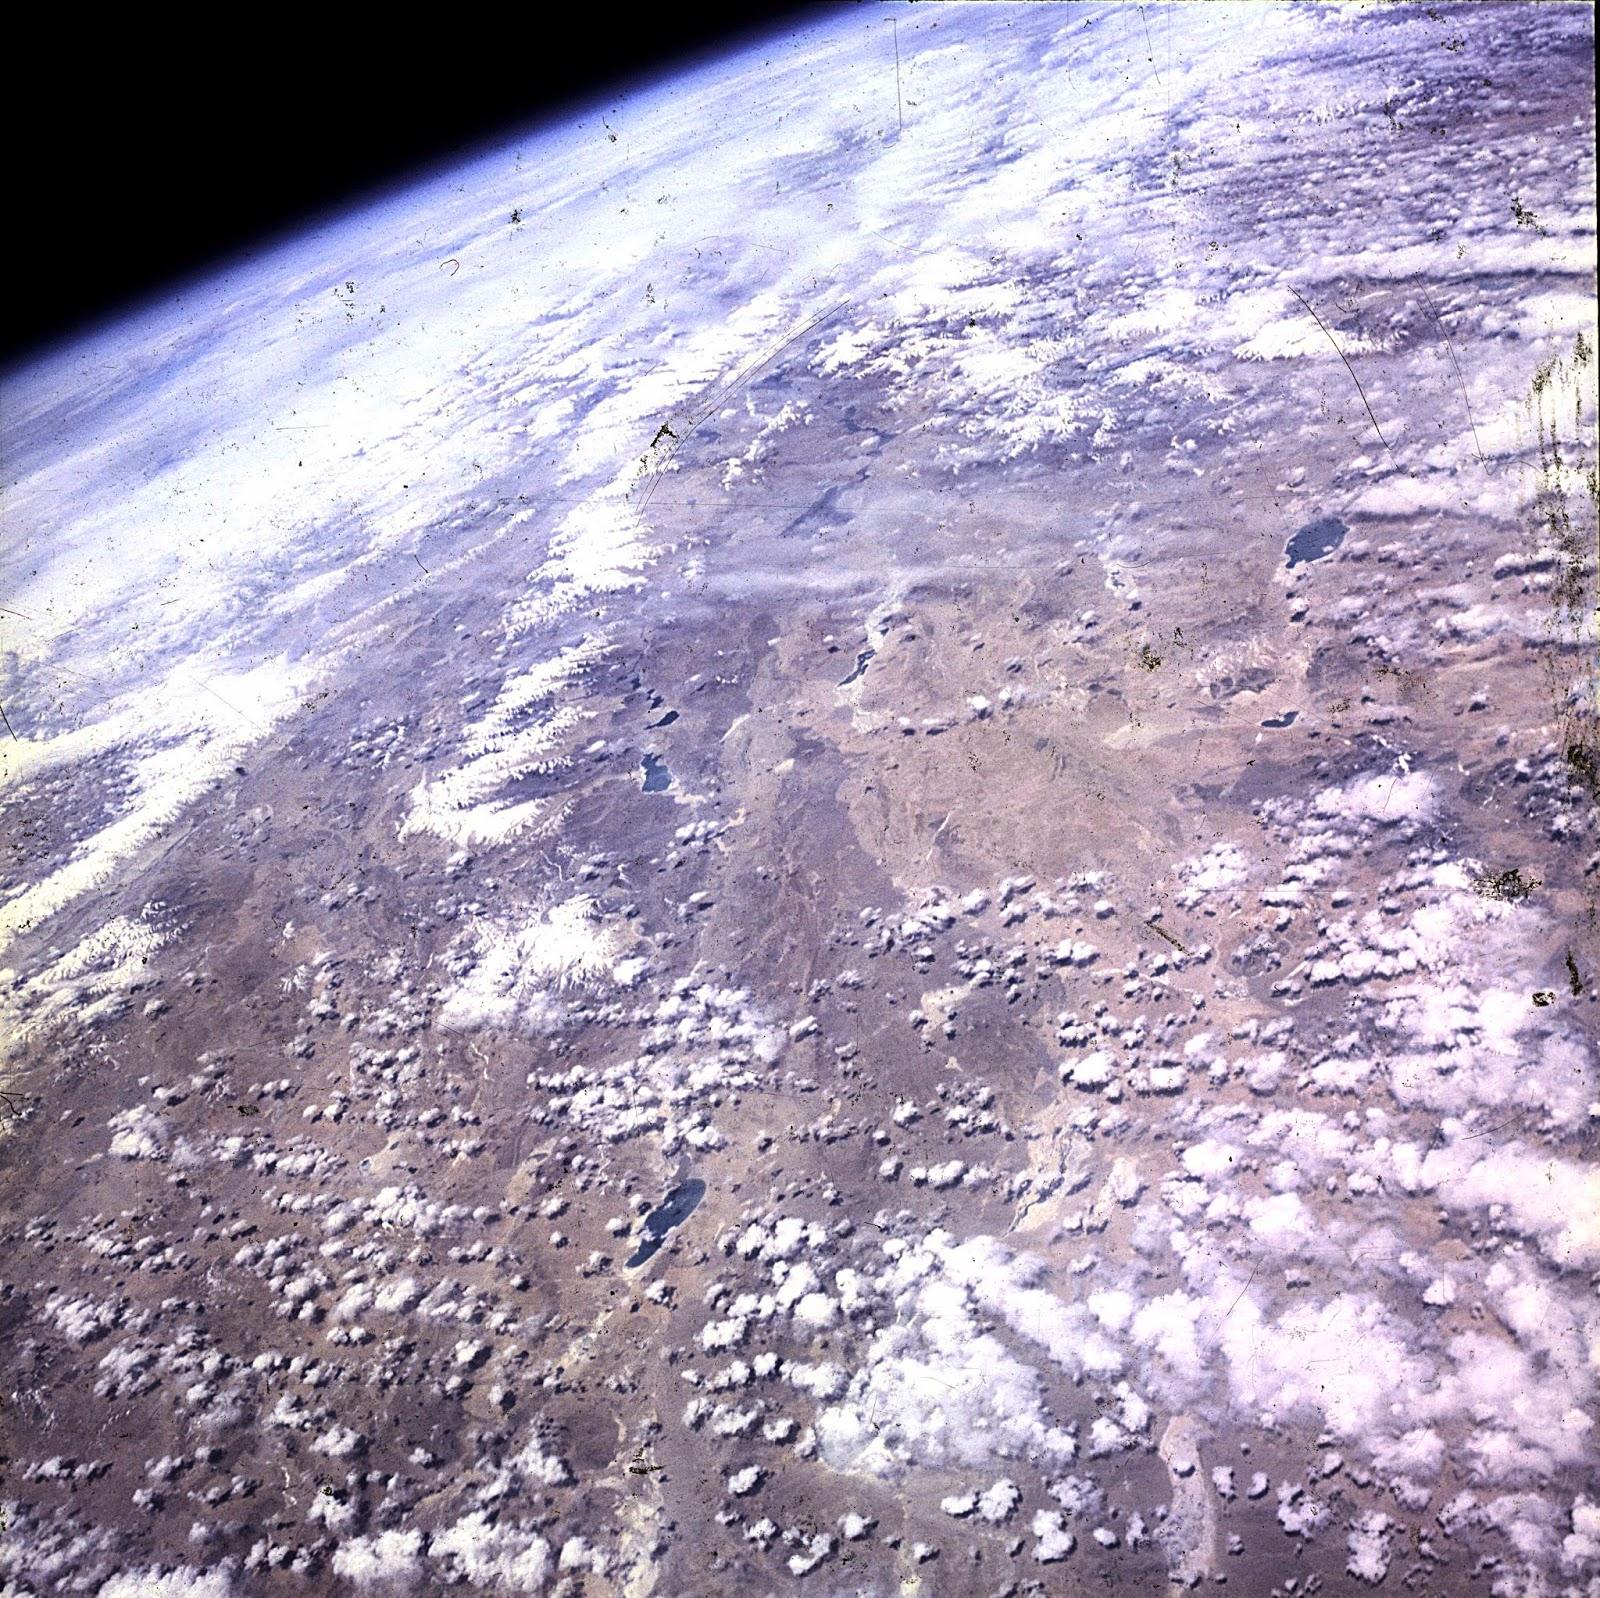 Imagen de las tierras altas del Tibet tomada por Cooper